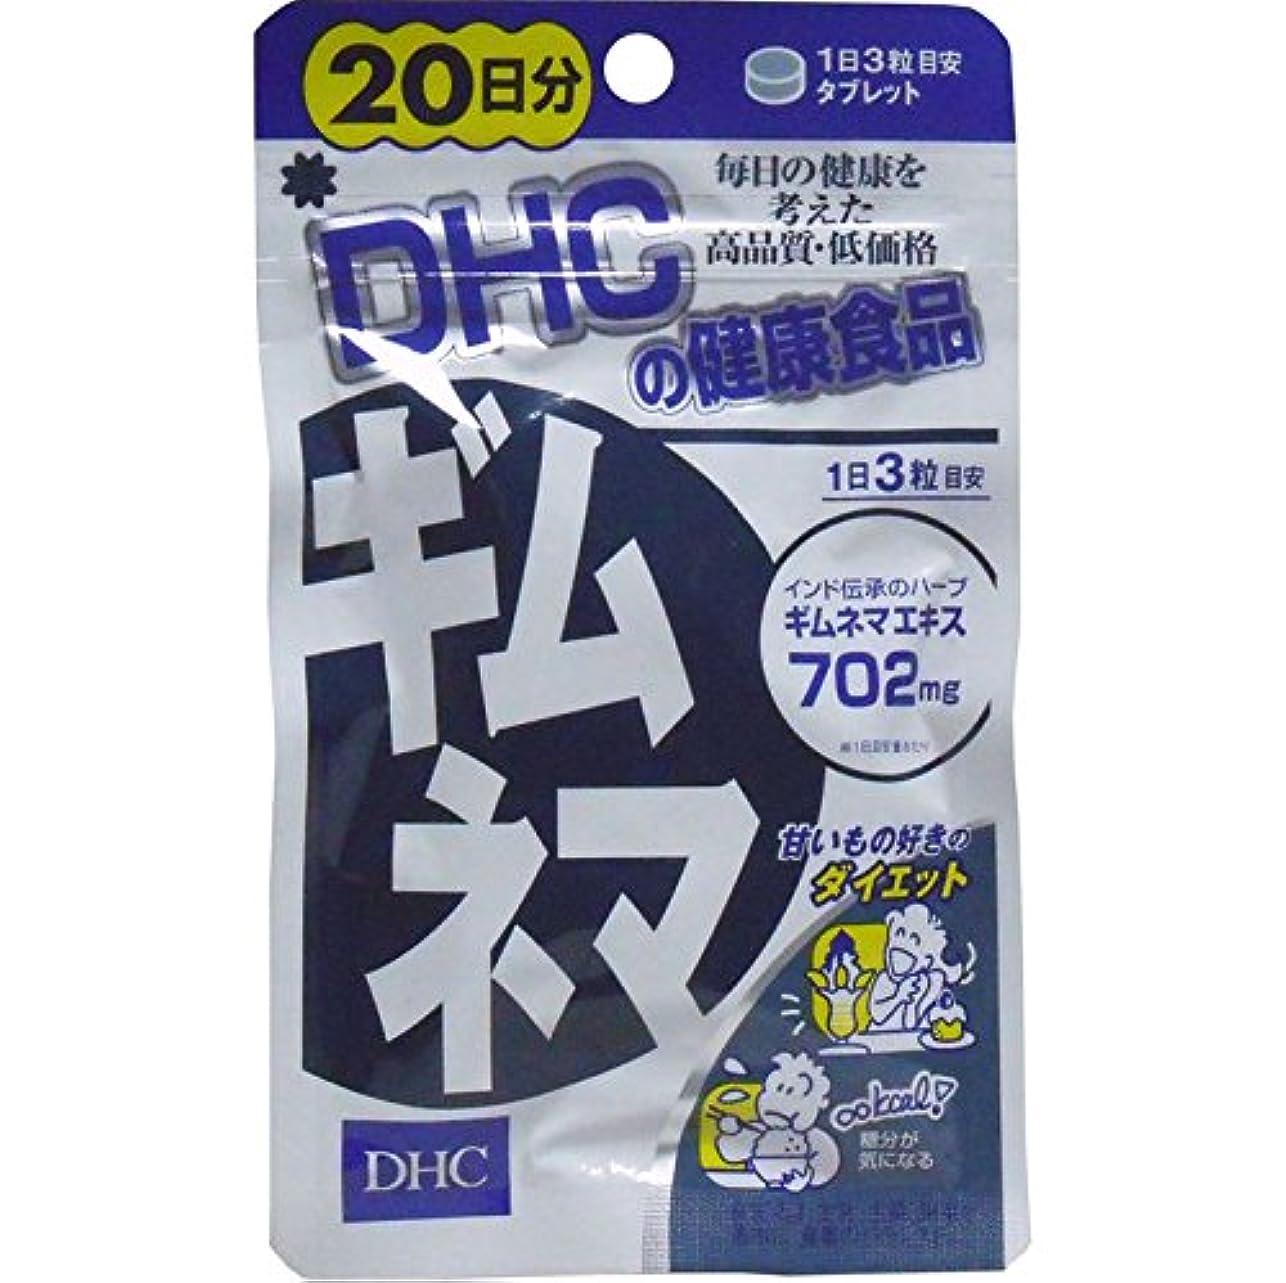 トンネルブレークニュージーランドダイエット 美容 健康 糖分や炭水化物を多く摂る人に 人気商品 DHC ギムネマ 20日分 60粒【1個セット】